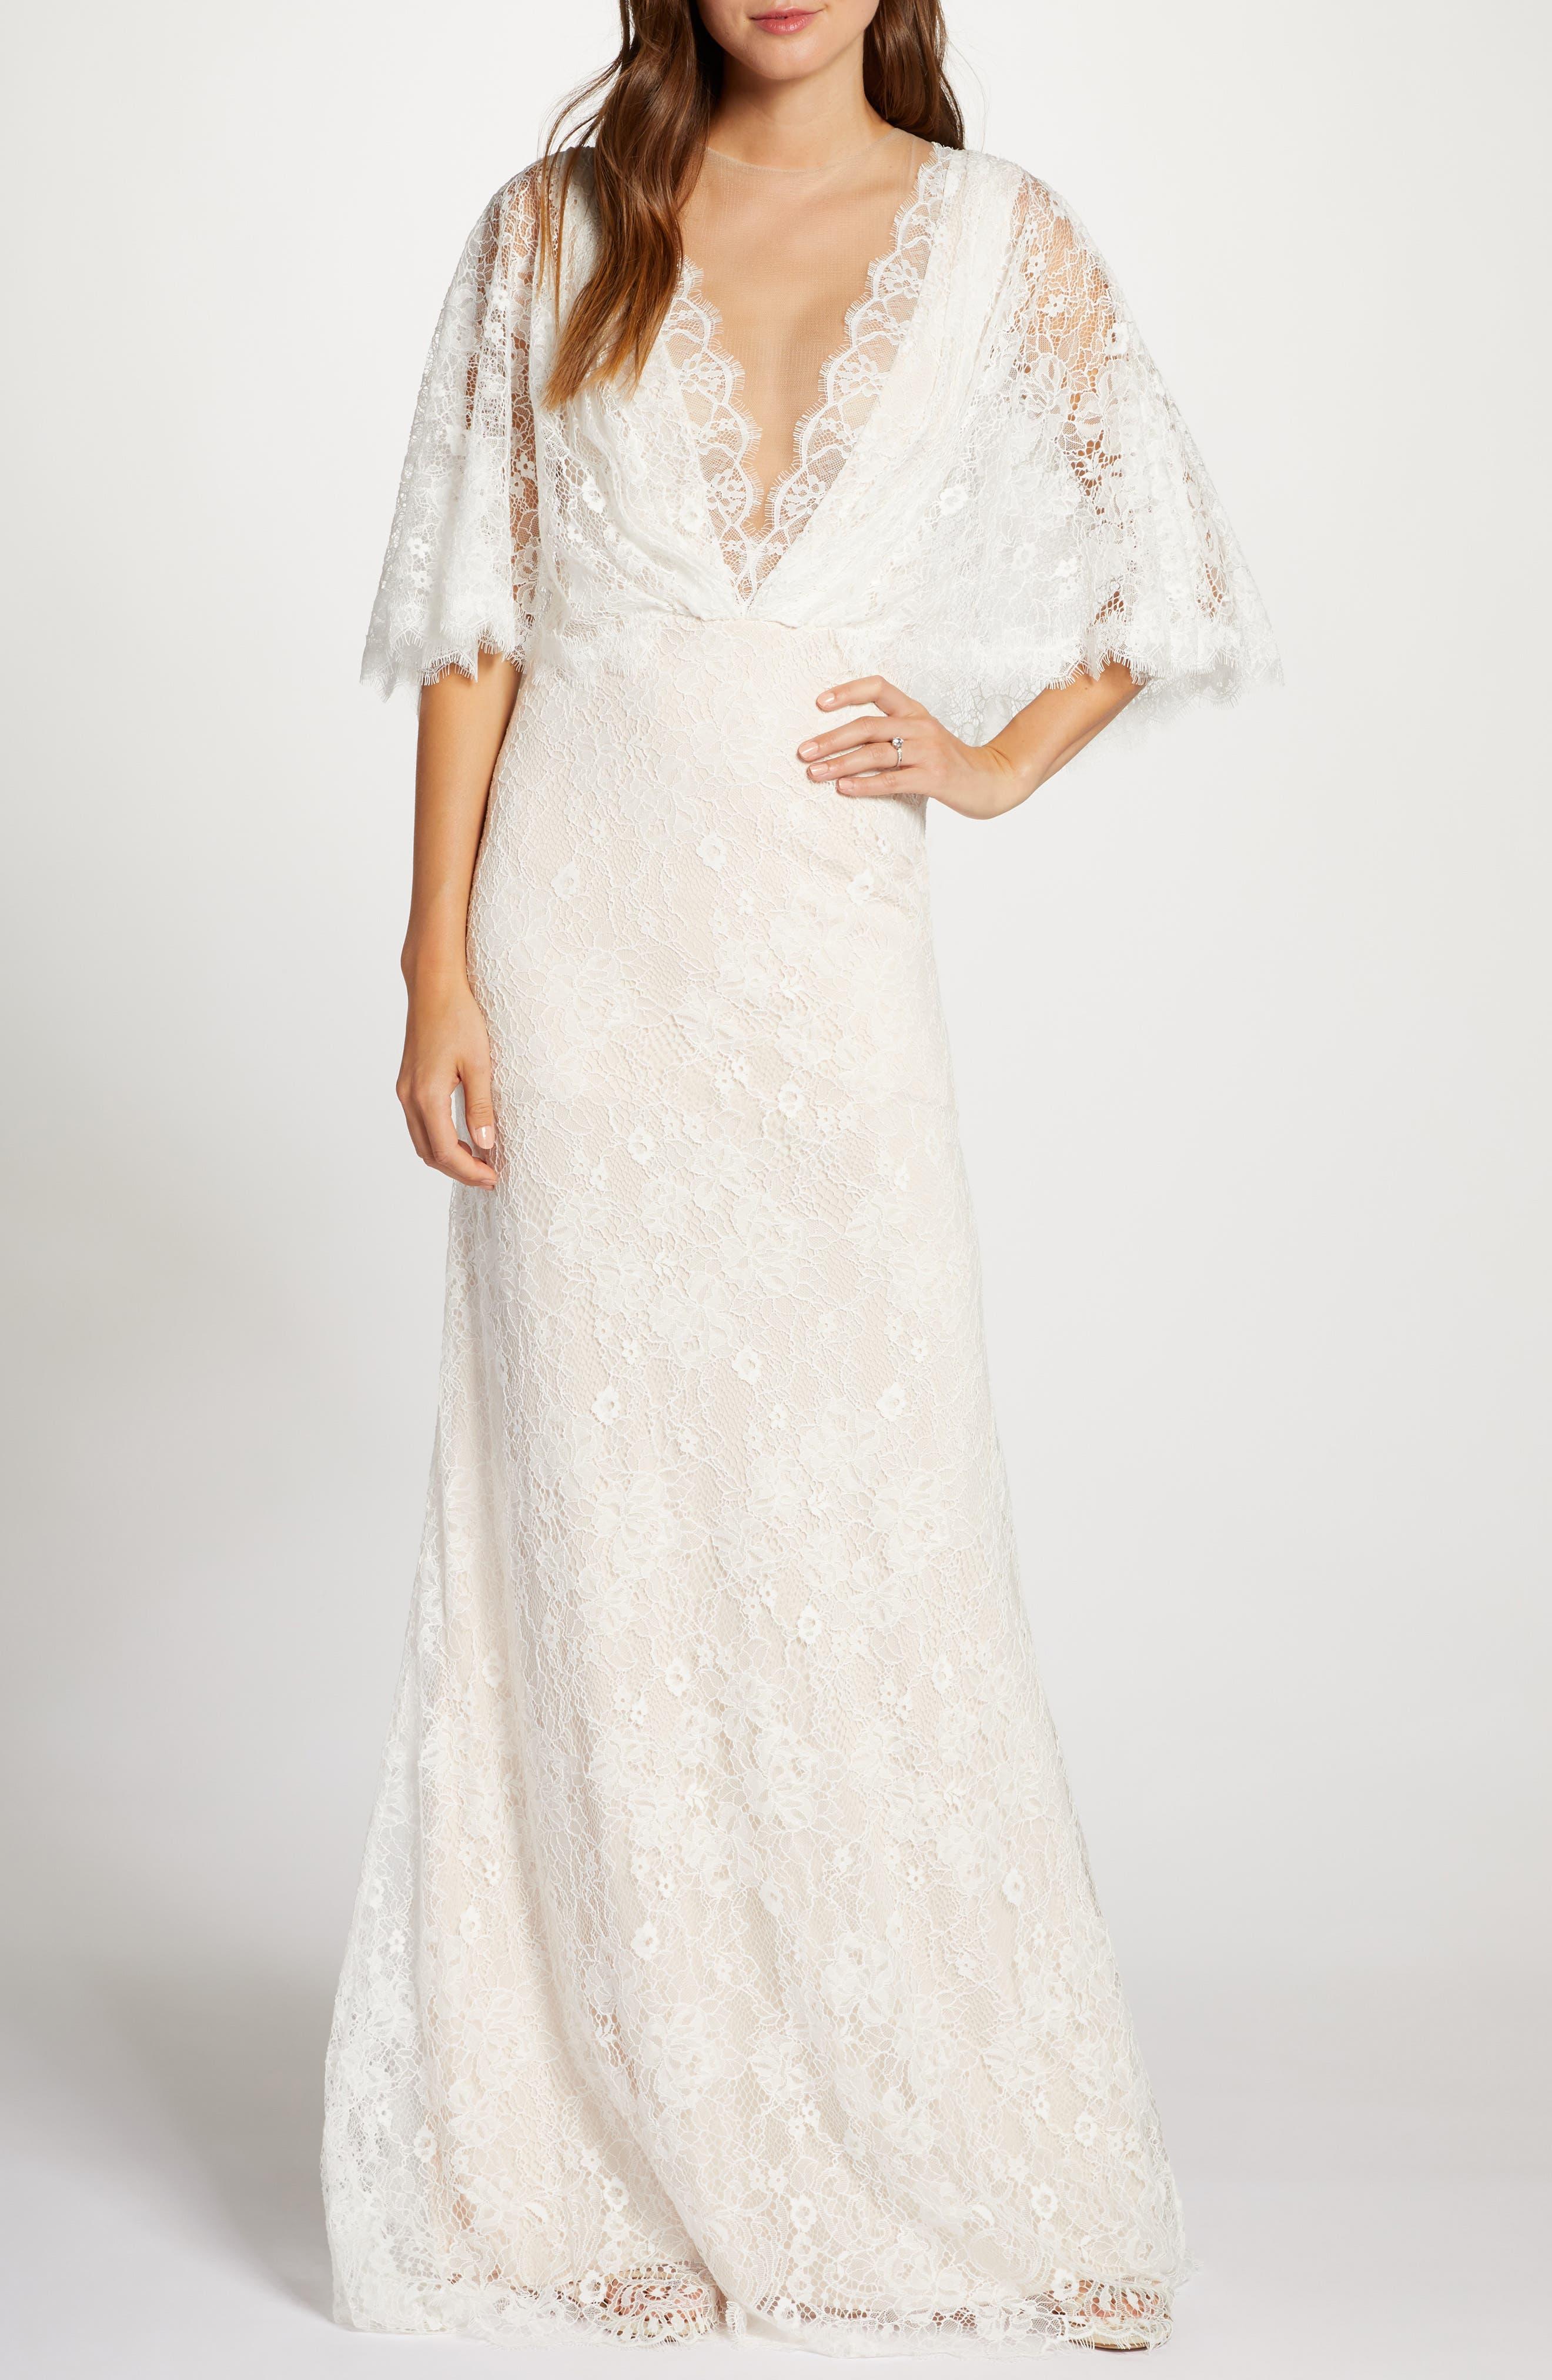 60s Wedding Dresses | 70s Wedding Dresses Womens Tadashi Shoji Capelet Lace Wedding Dress $748.00 AT vintagedancer.com